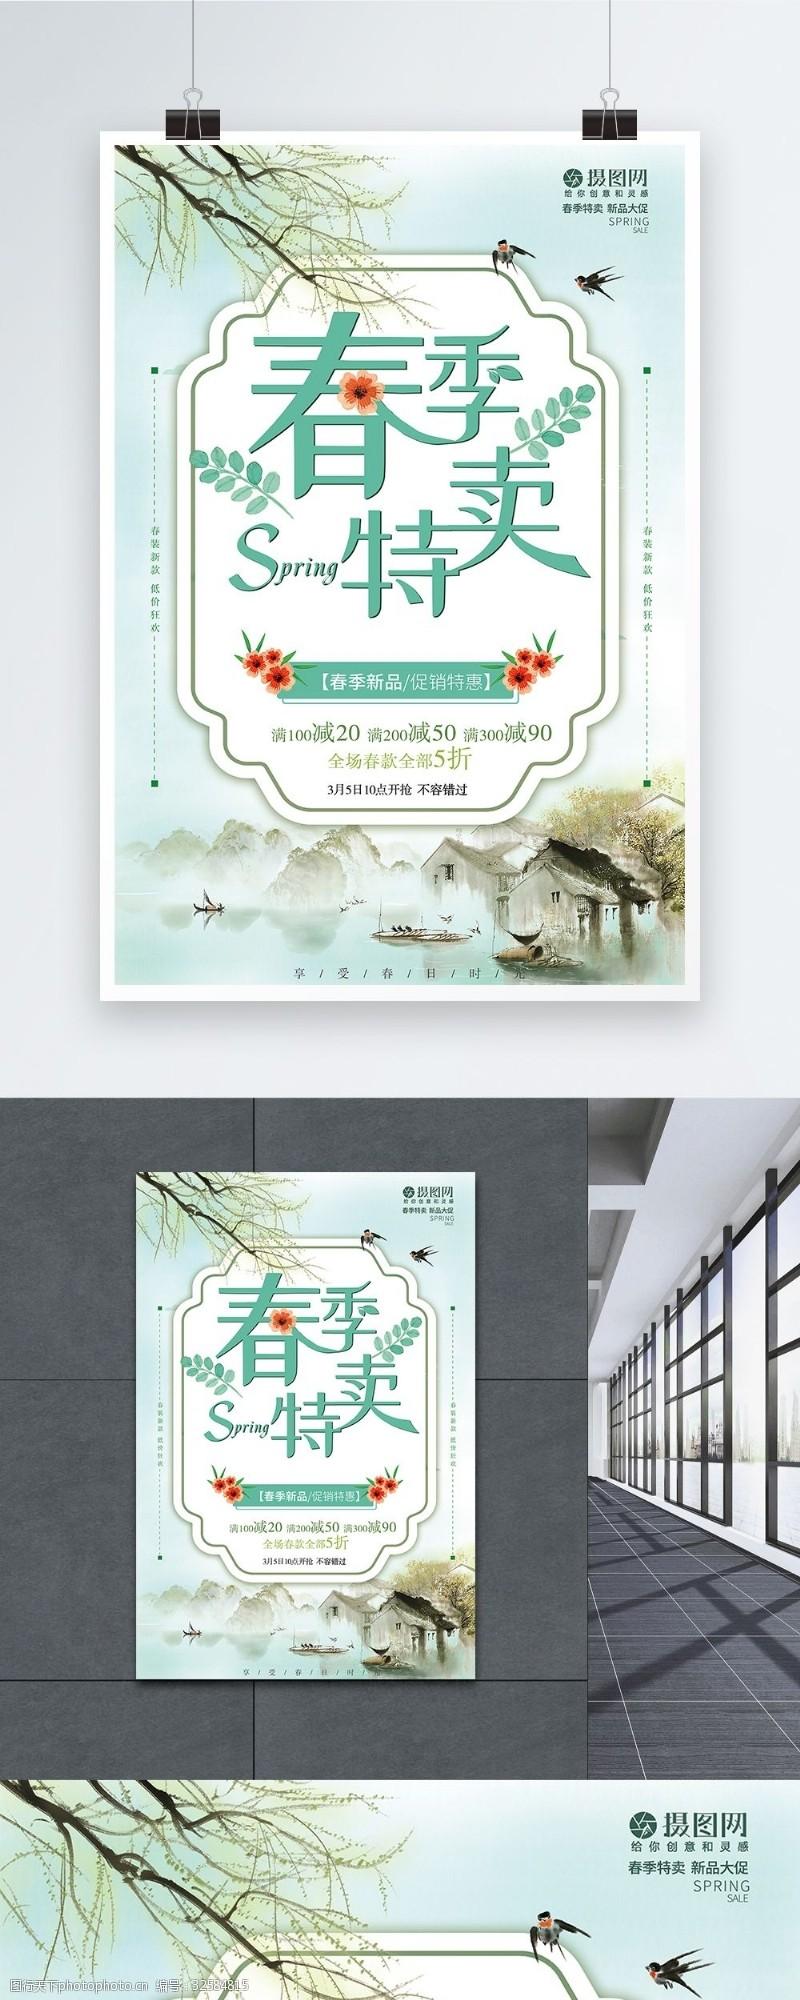 浅蓝小清新风春季特卖促销海报